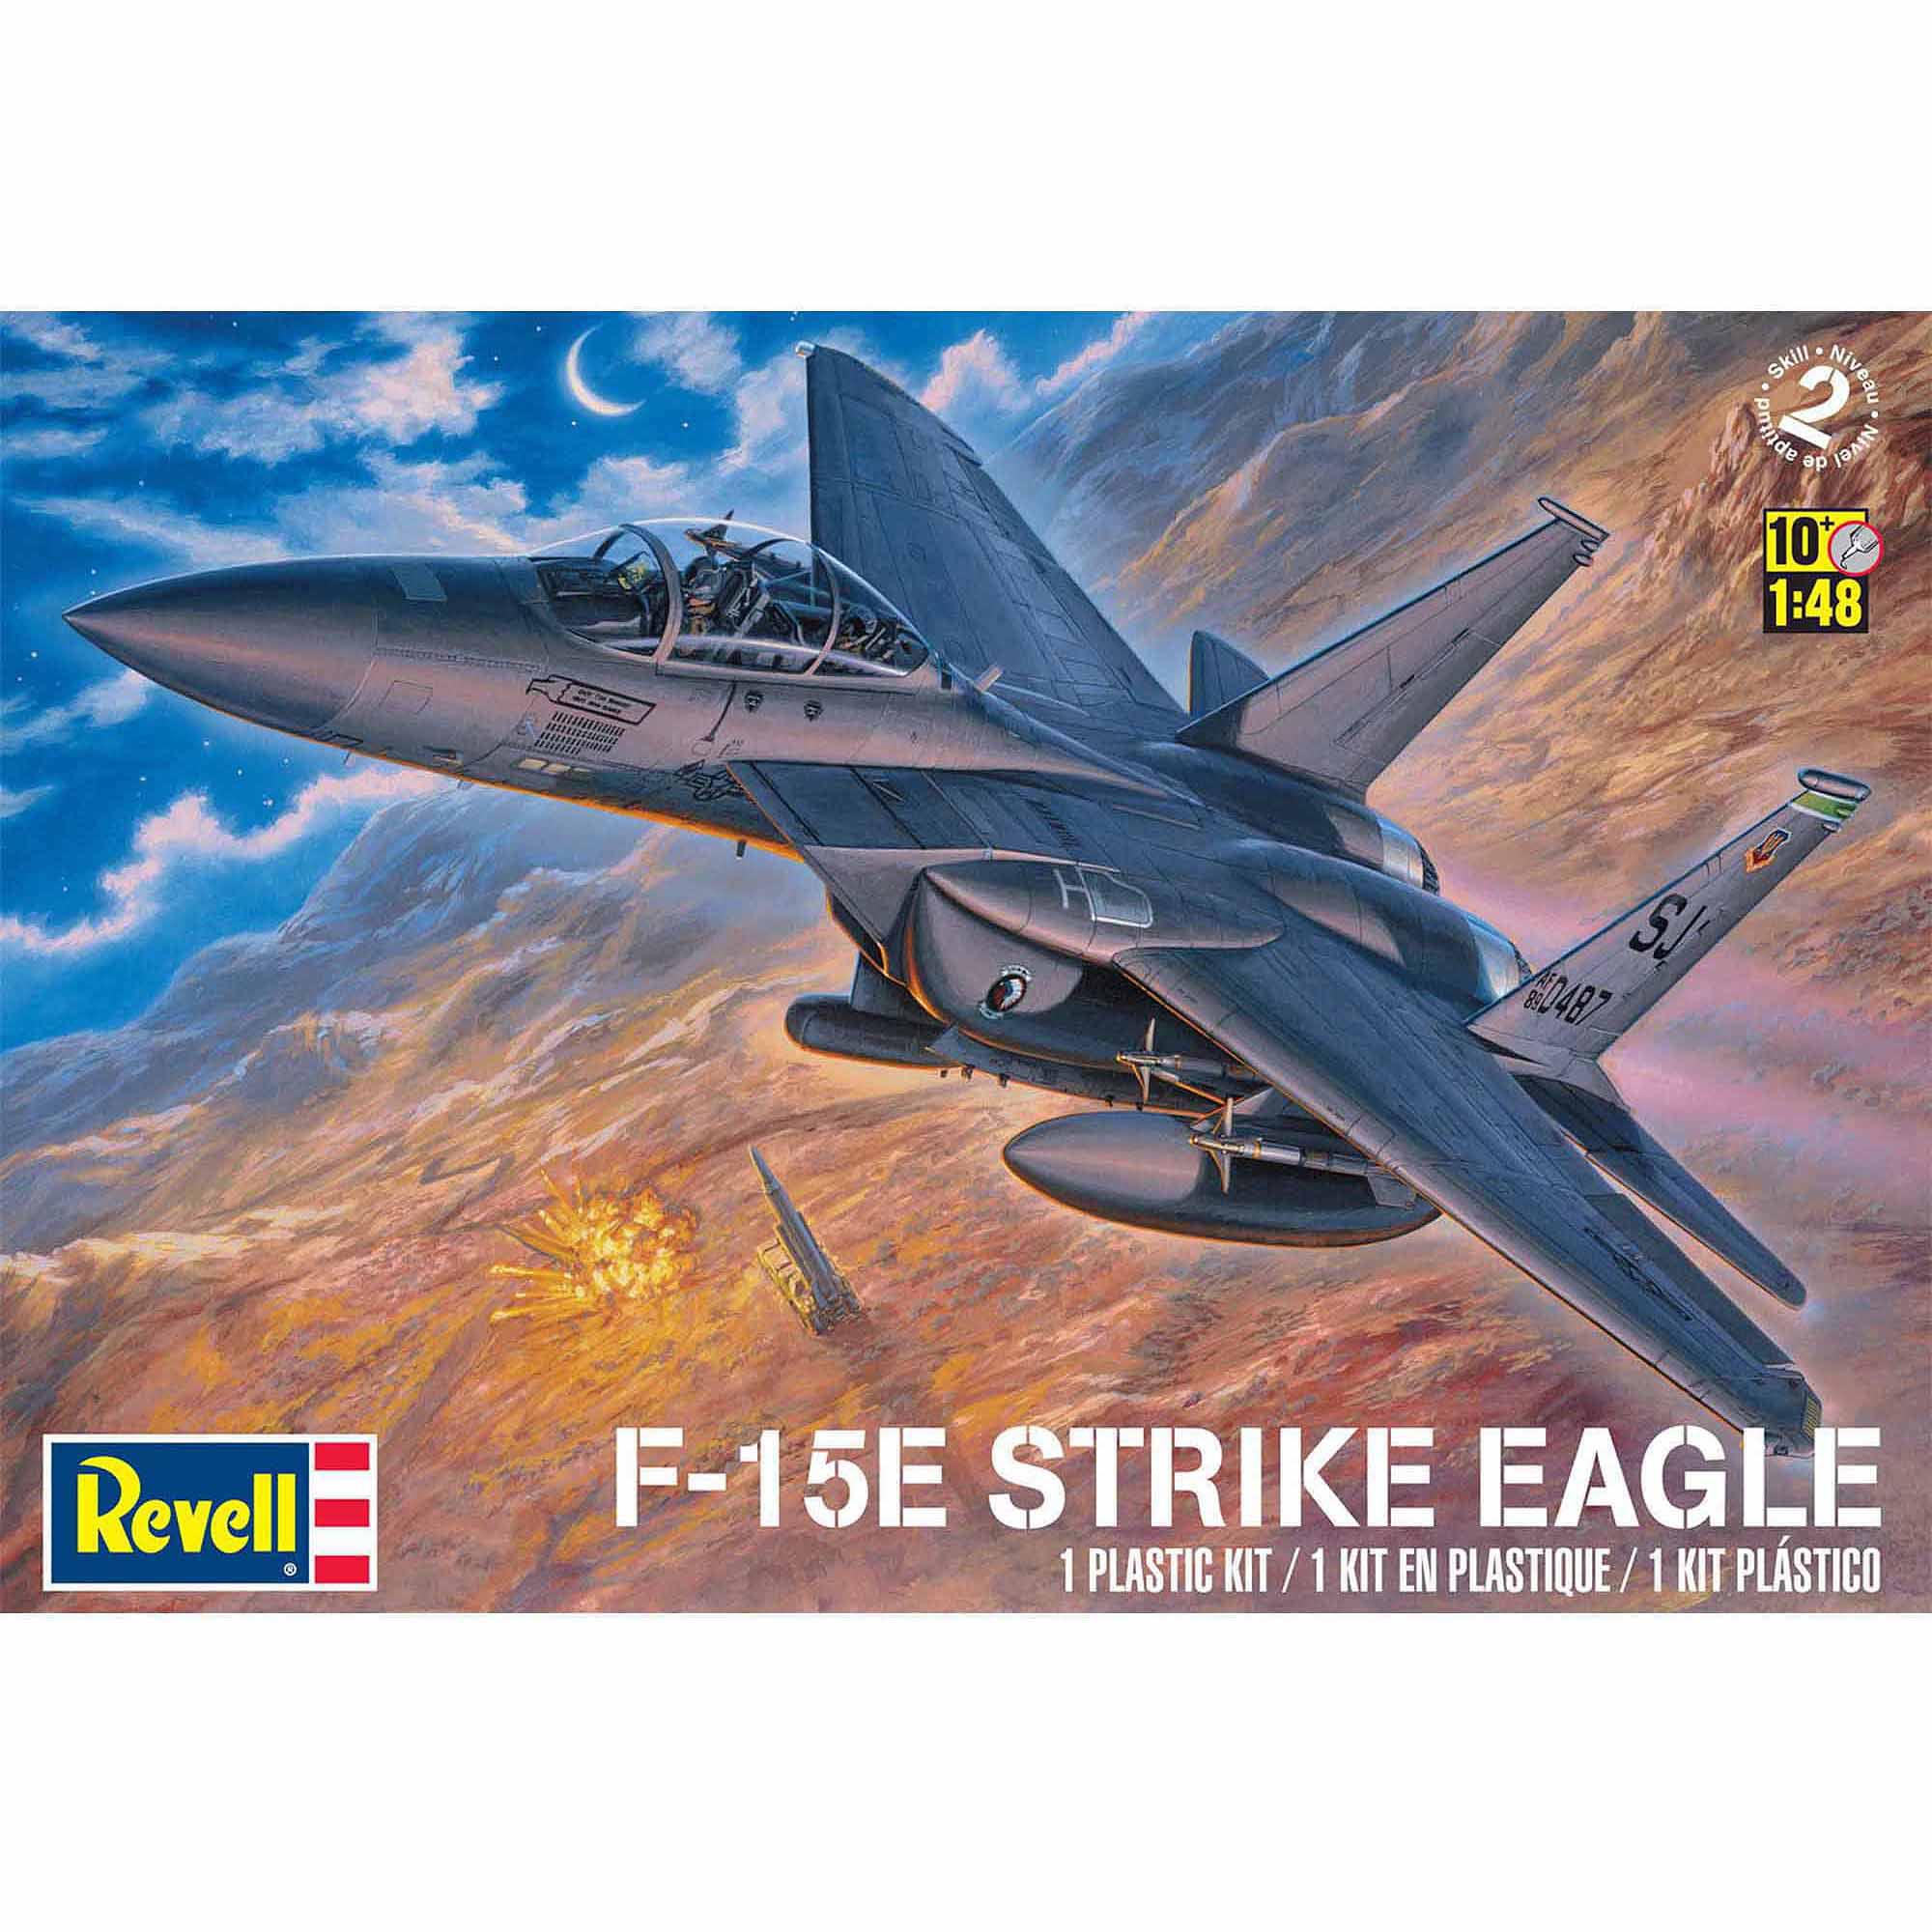 Revell 1:48 Scale F15E Strike Eagle Model Kit by Revell